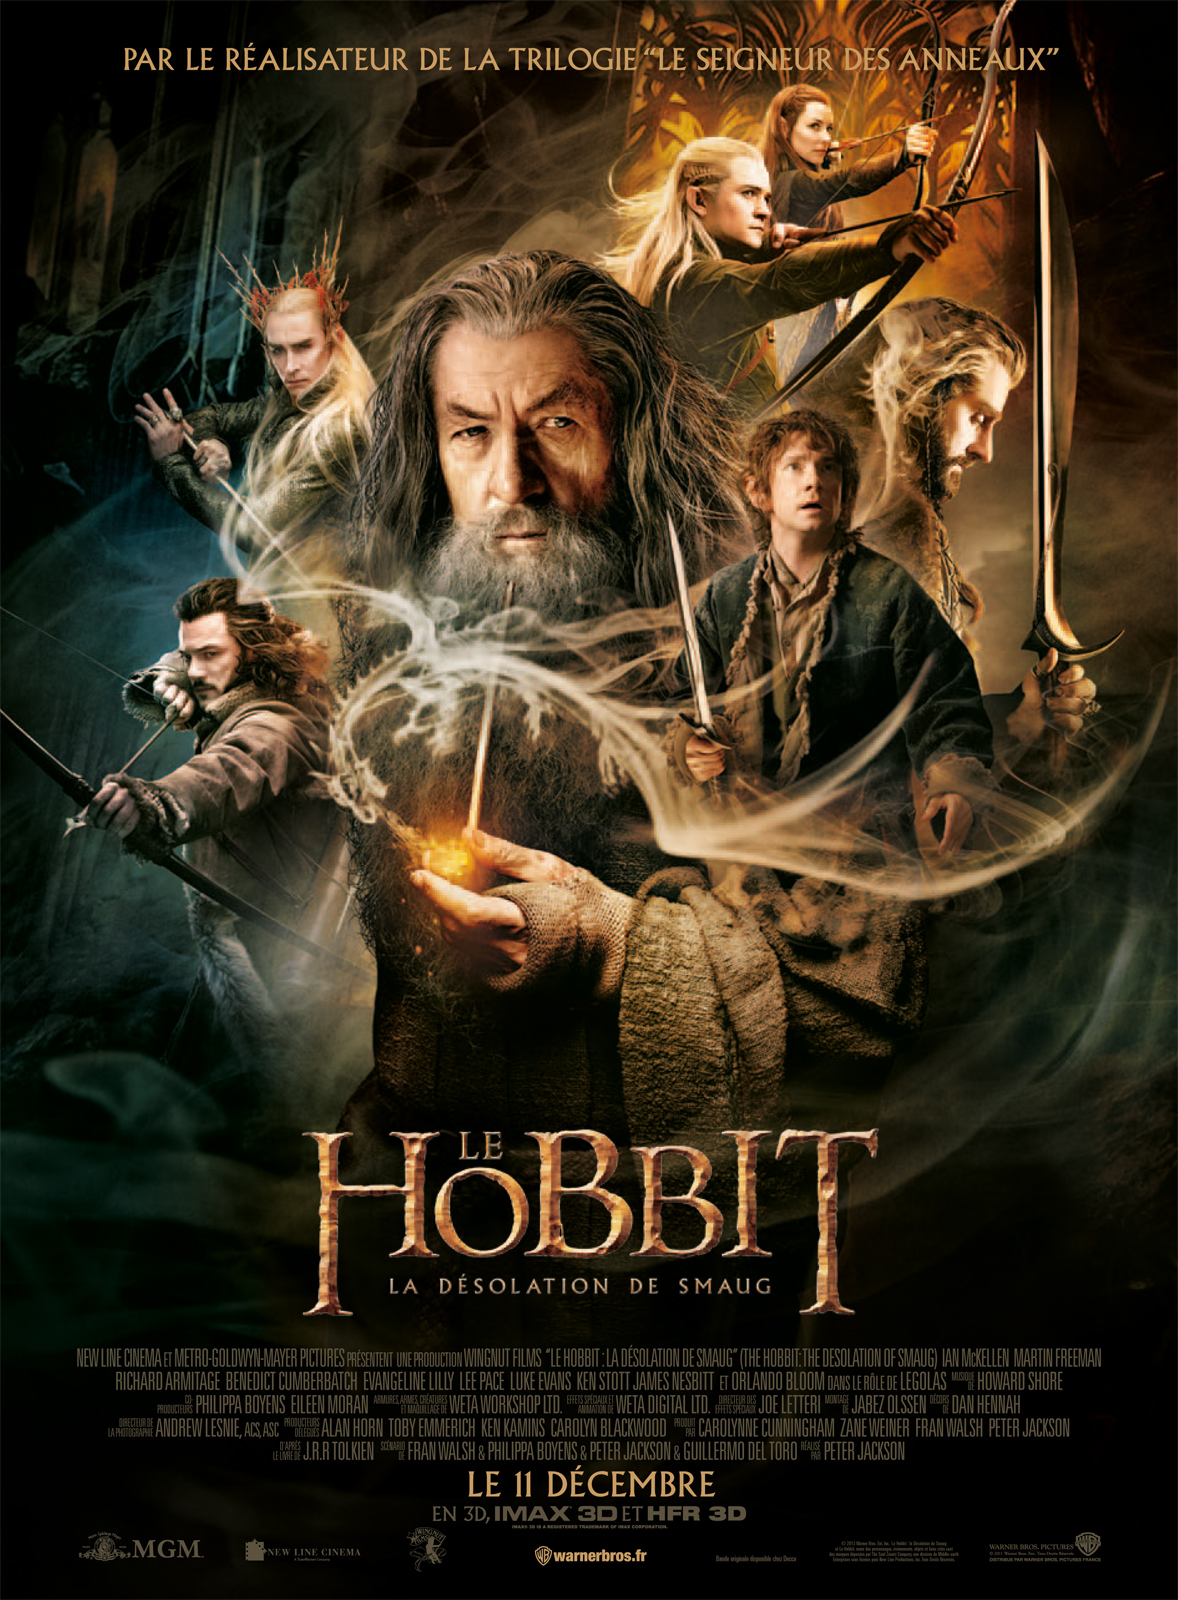 Le Hobbit : la Désolation de Smaug [TRUEFRENCH] dvdrip